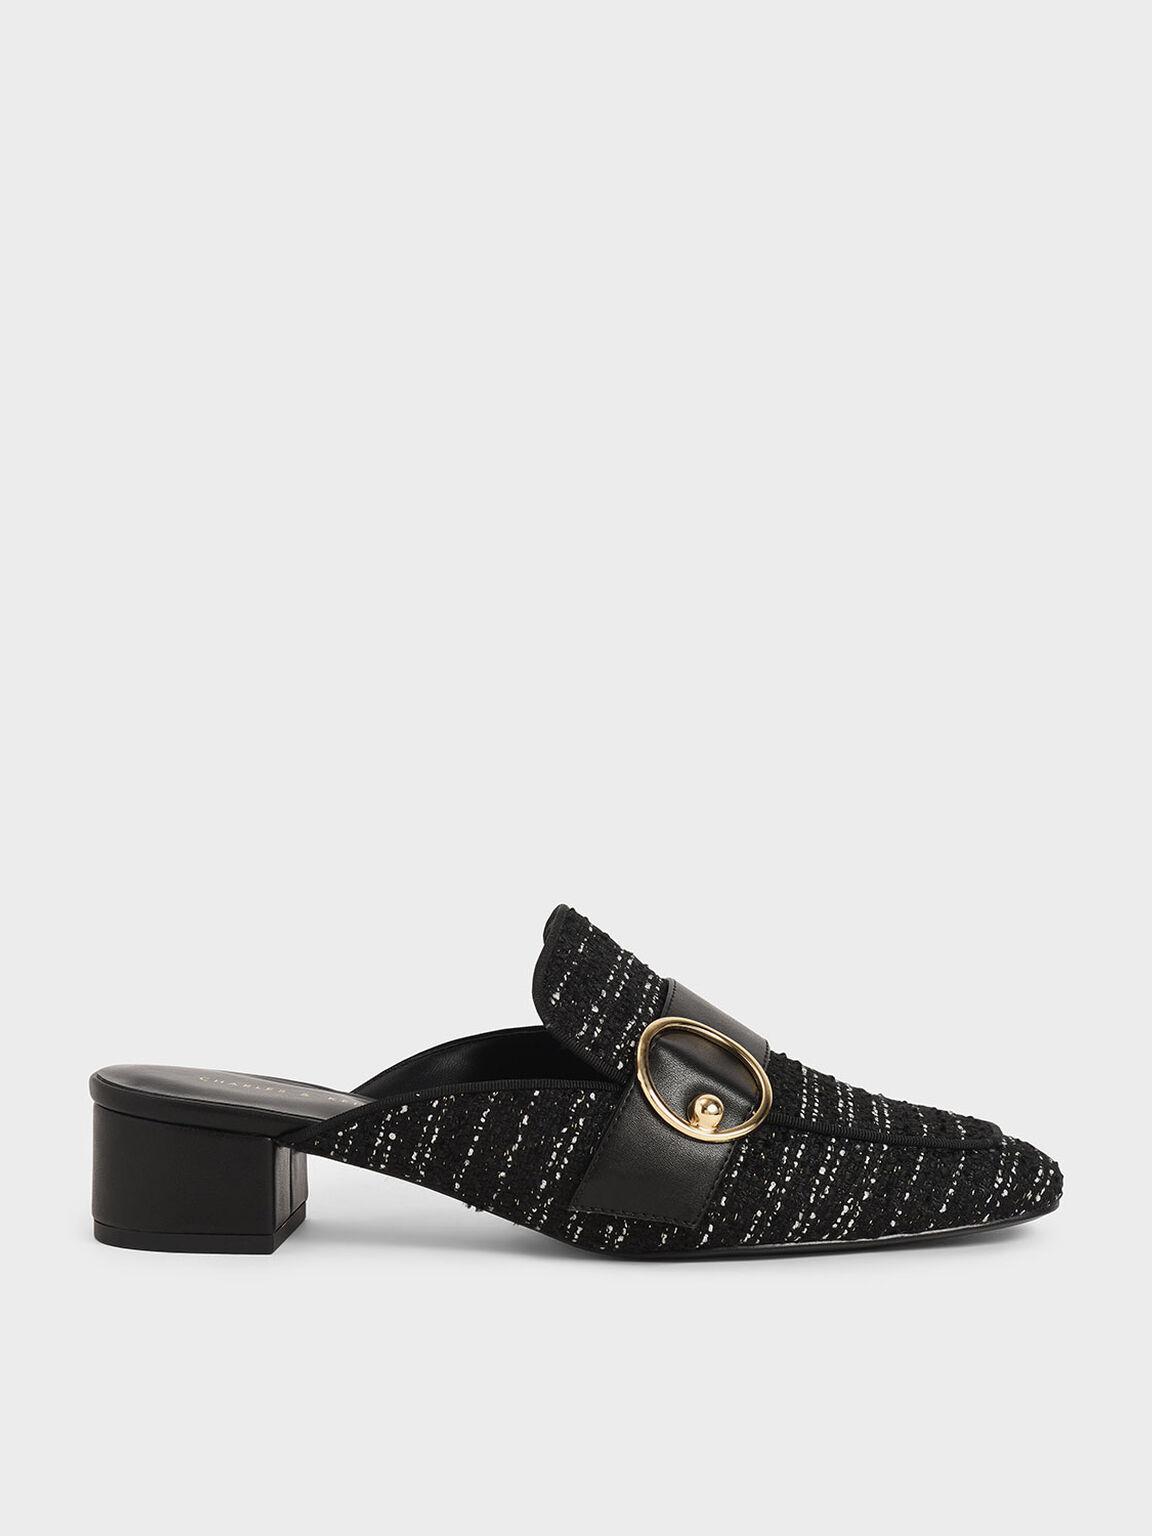 Ring Embellished Tweed Loafer Mules, Black Textured, hi-res